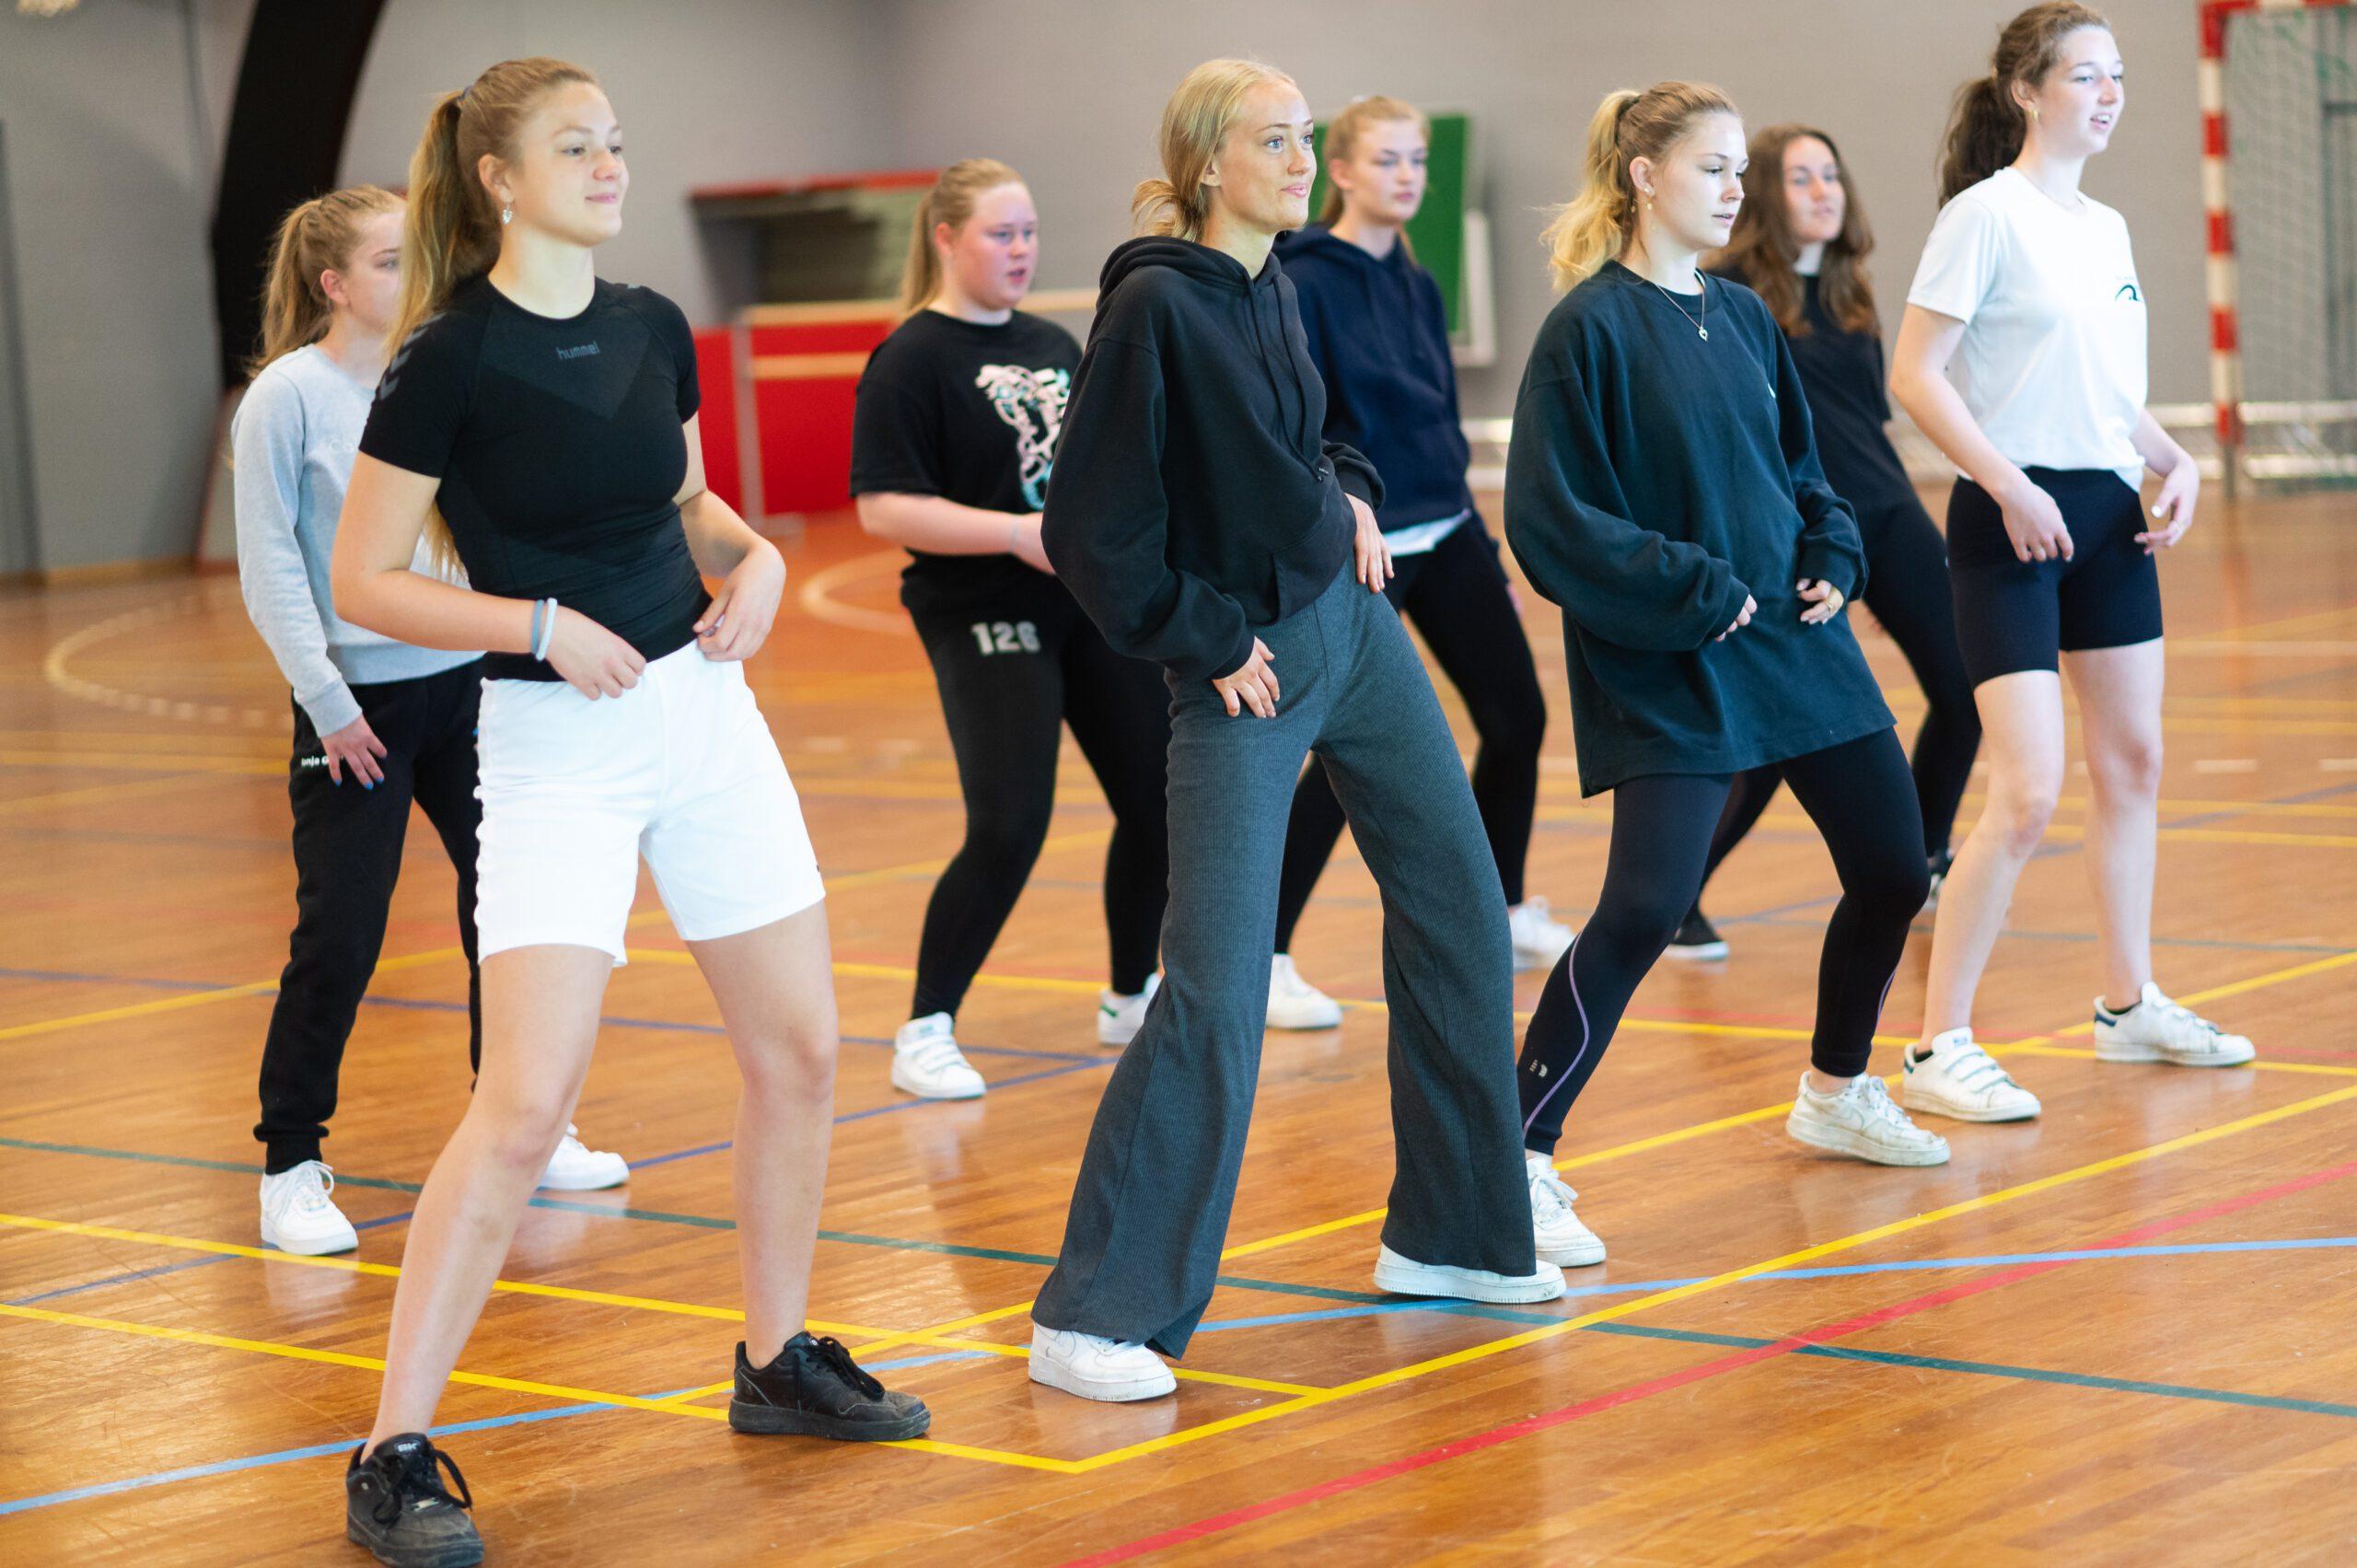 Dygtige dansere på efterskole på Fyn